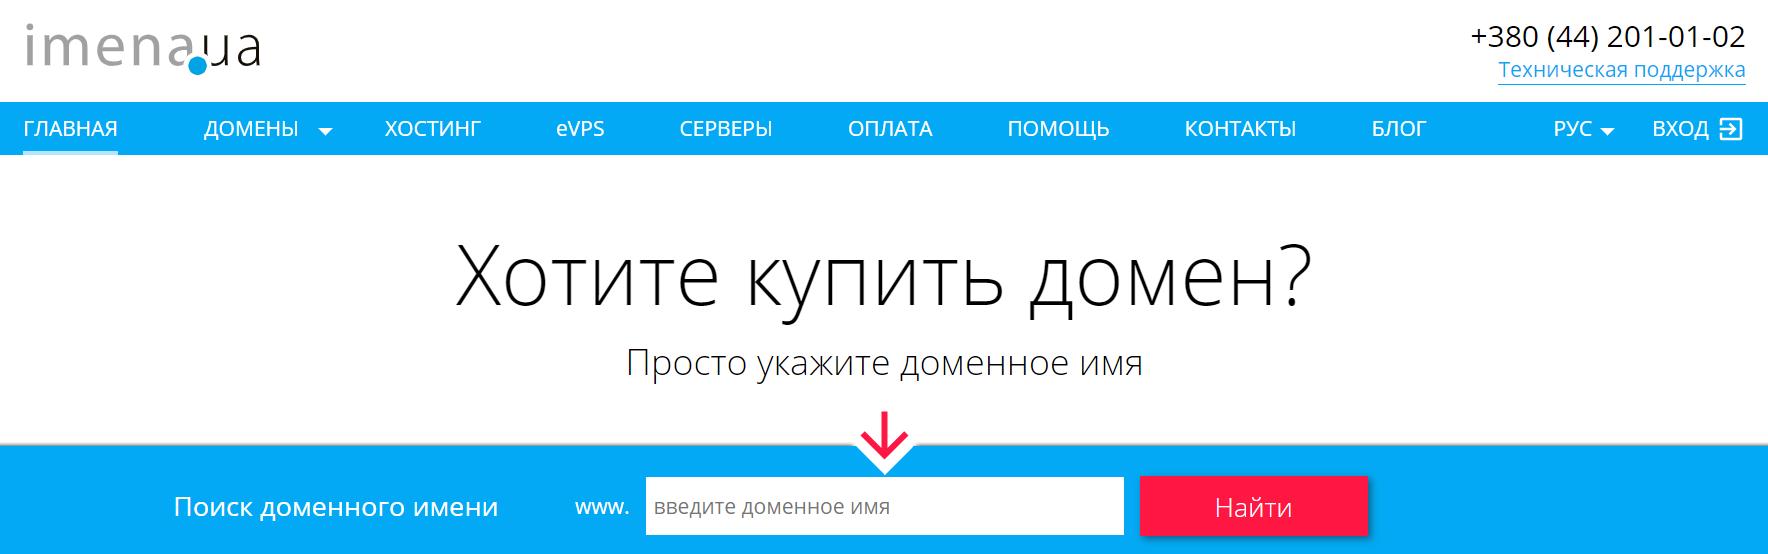 Интерфейс главной страницы IMENA.UA